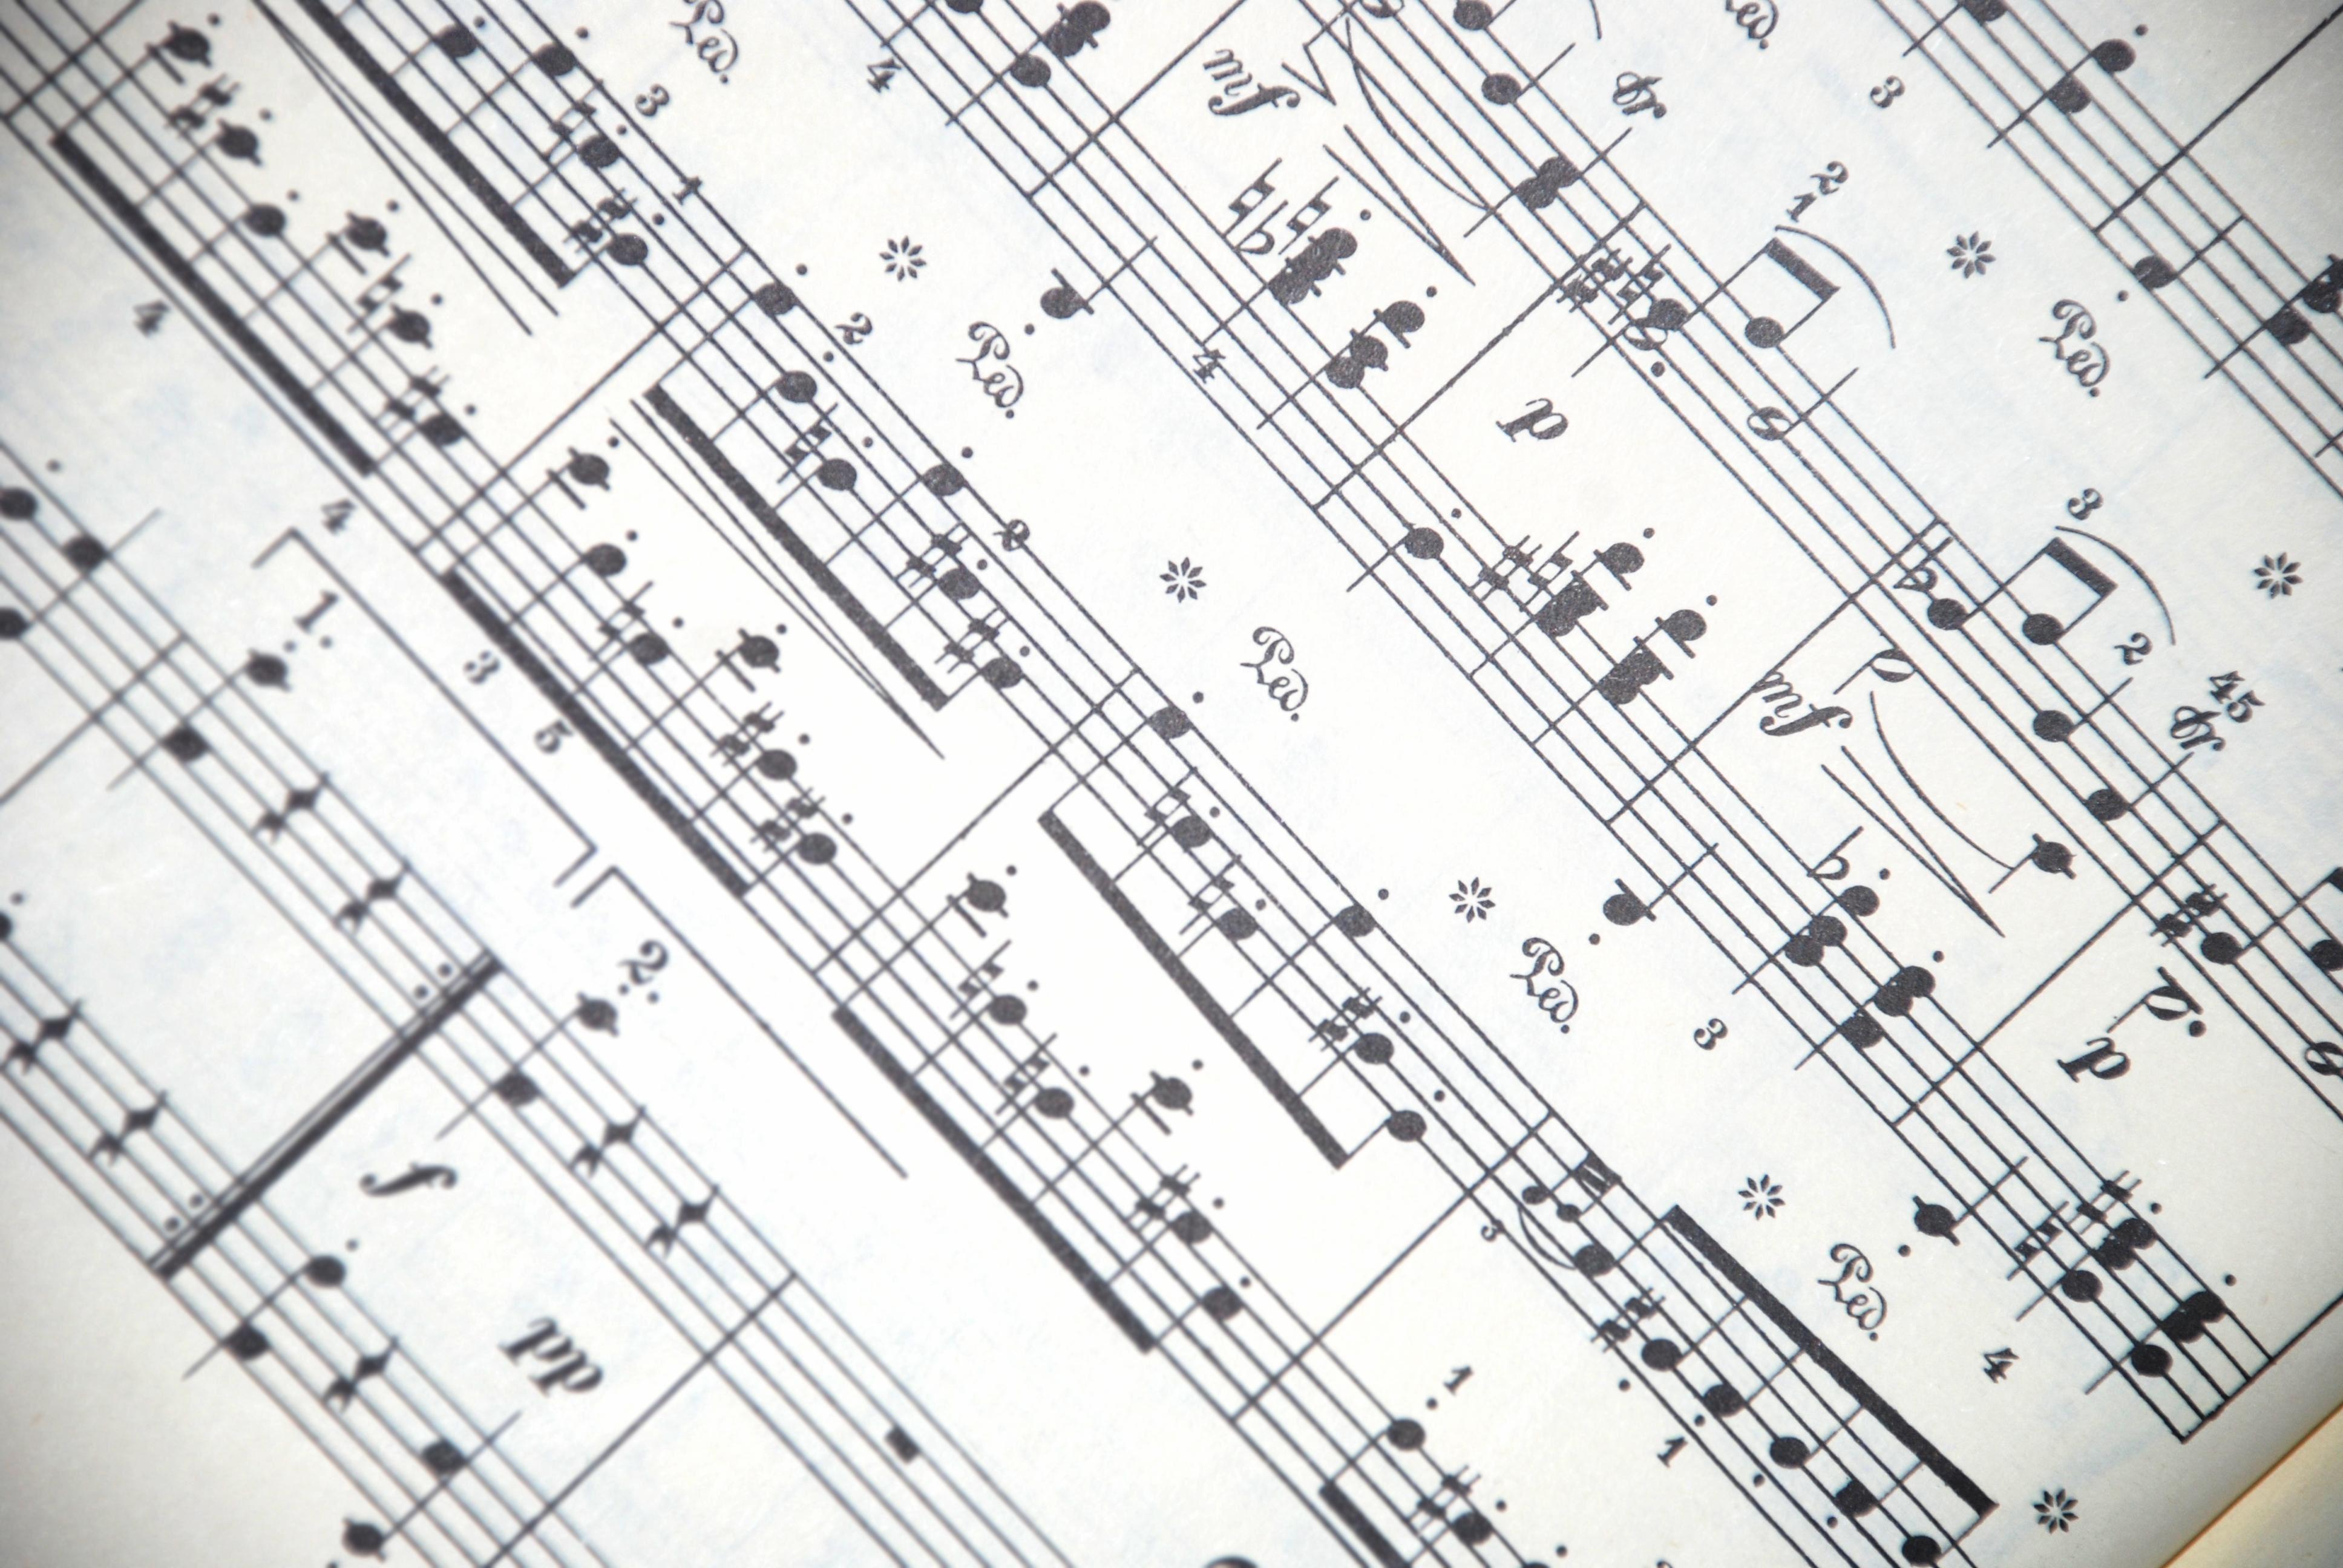 Musik: Lukaspassionen av Rolf Martinsson